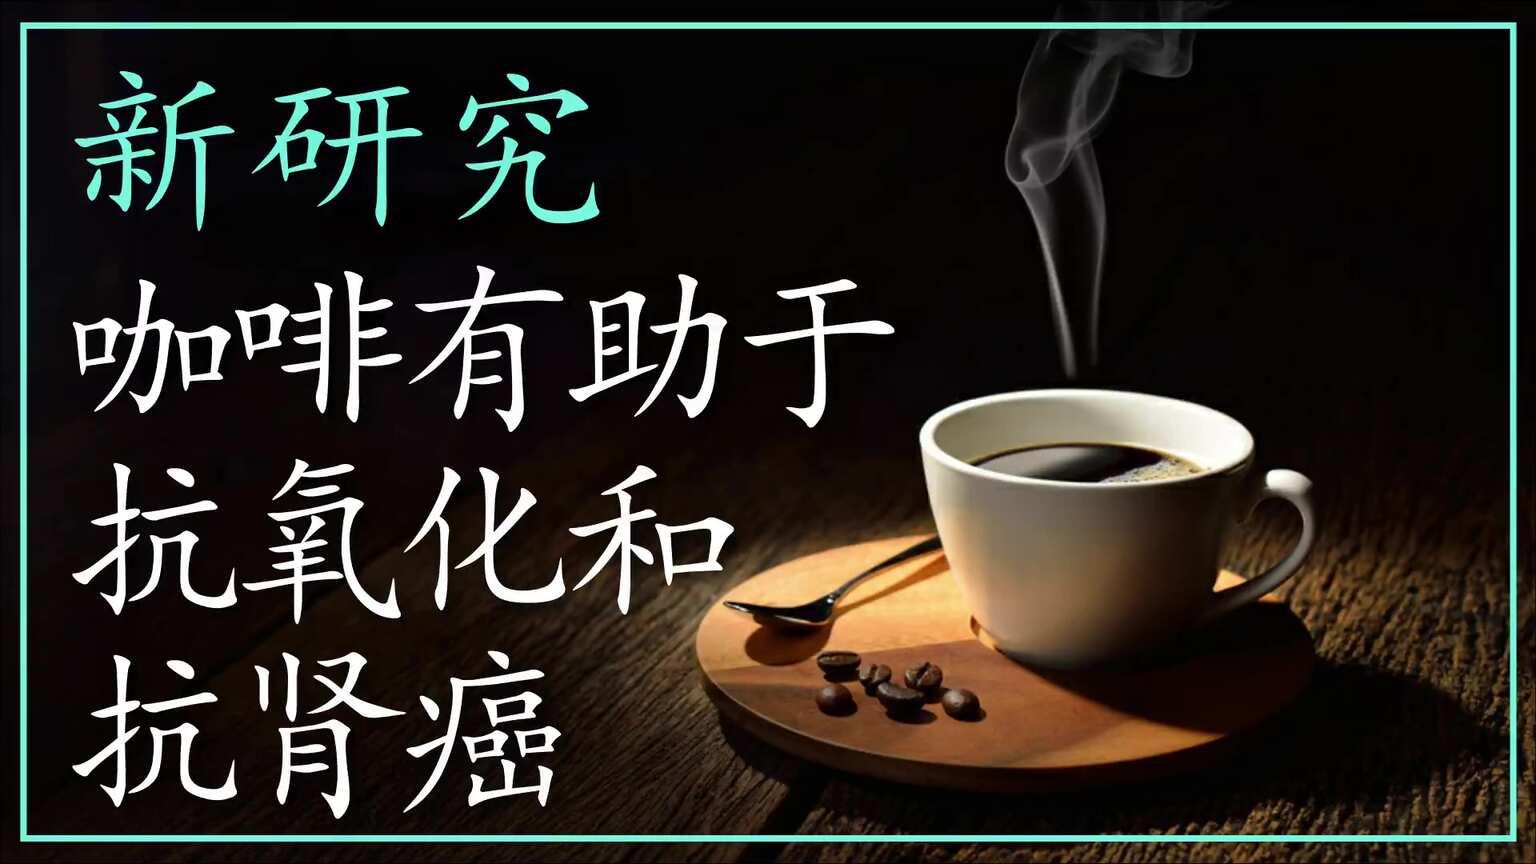 新研究揭示咖啡有助于抗氧化和抗肾癌